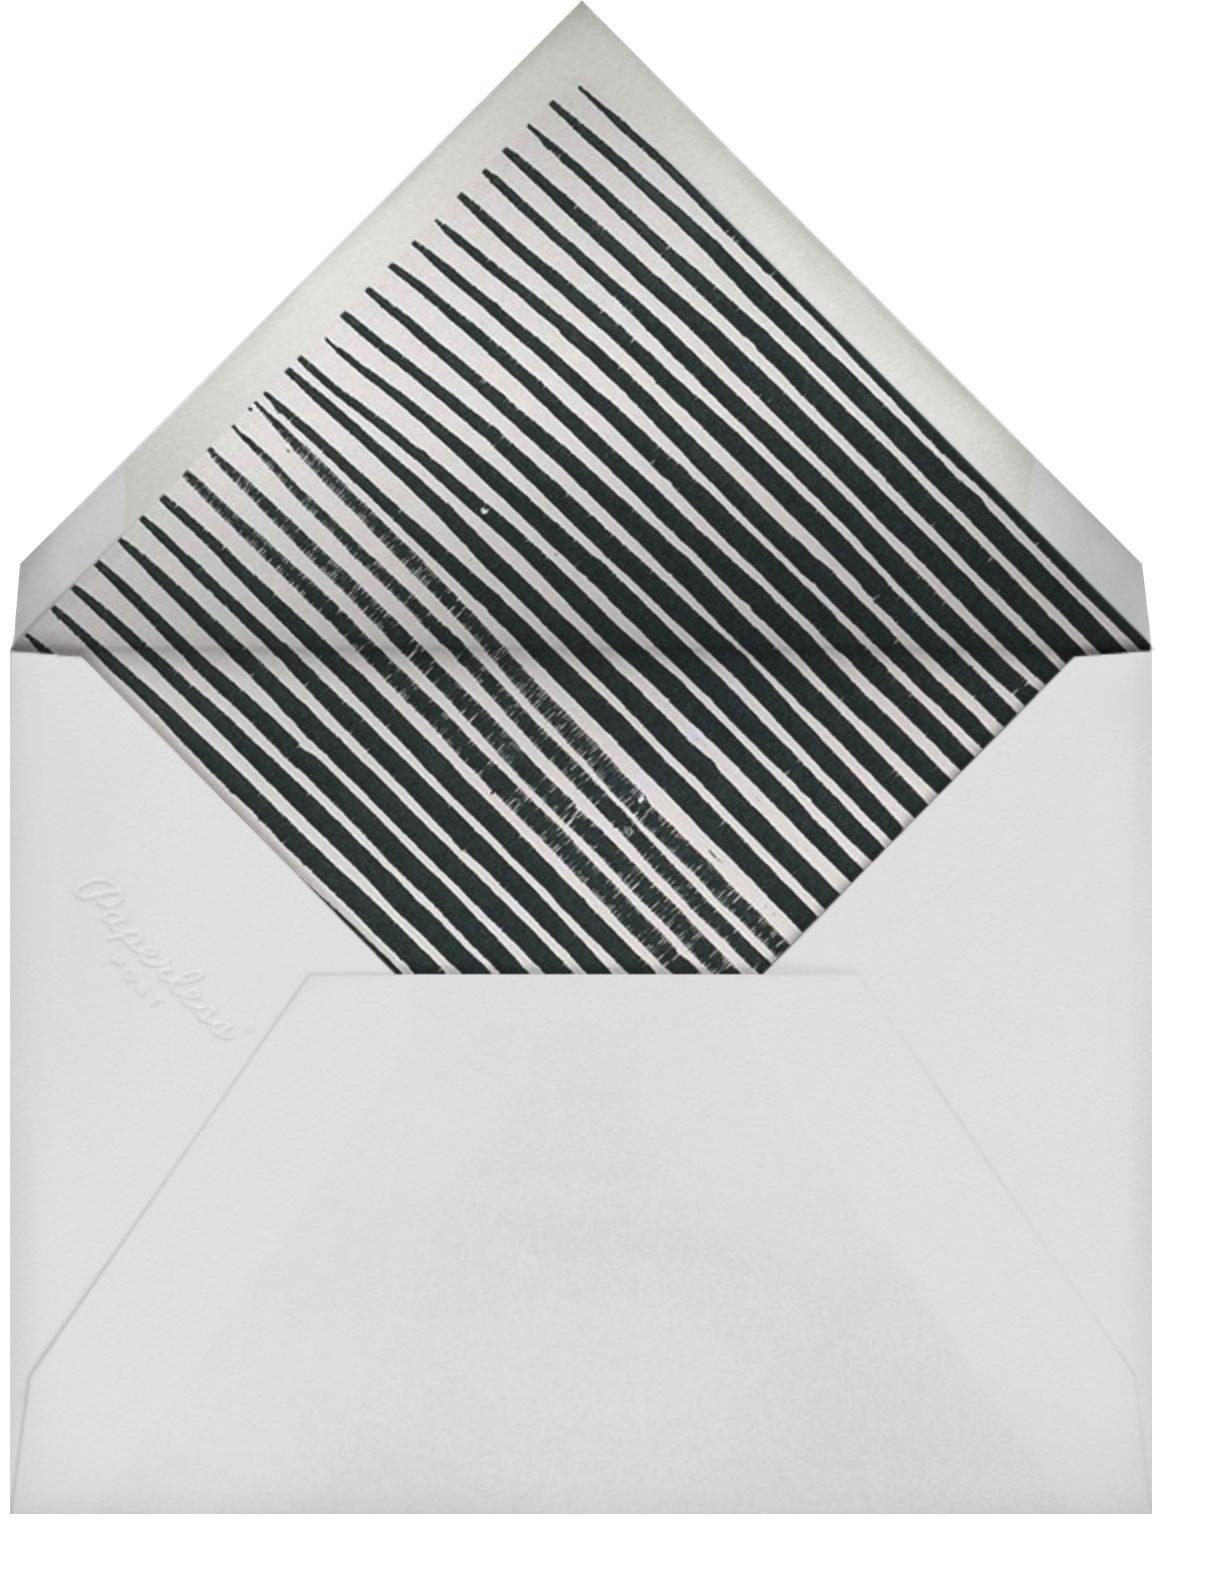 Fette (Photo) - Rose Gold/White - Kelly Wearstler - Adult birthday - envelope back